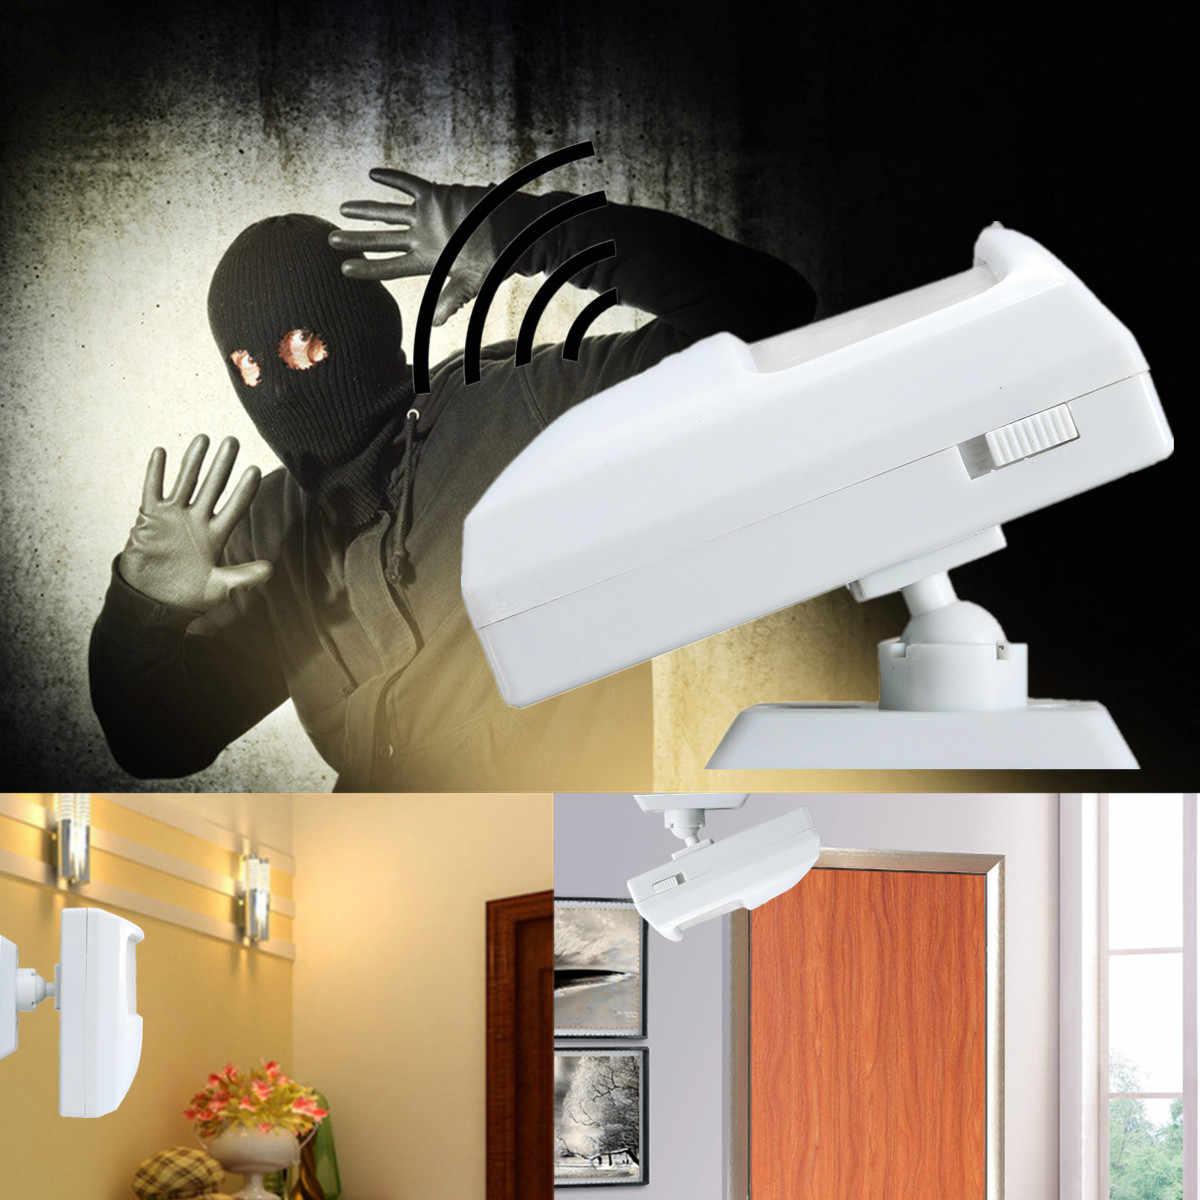 90 дБ громкий охранный инфракрасный датчик движения Детектор PIR сигнализация домашний сарай гараж для домашней двери/окна датчик безопасности